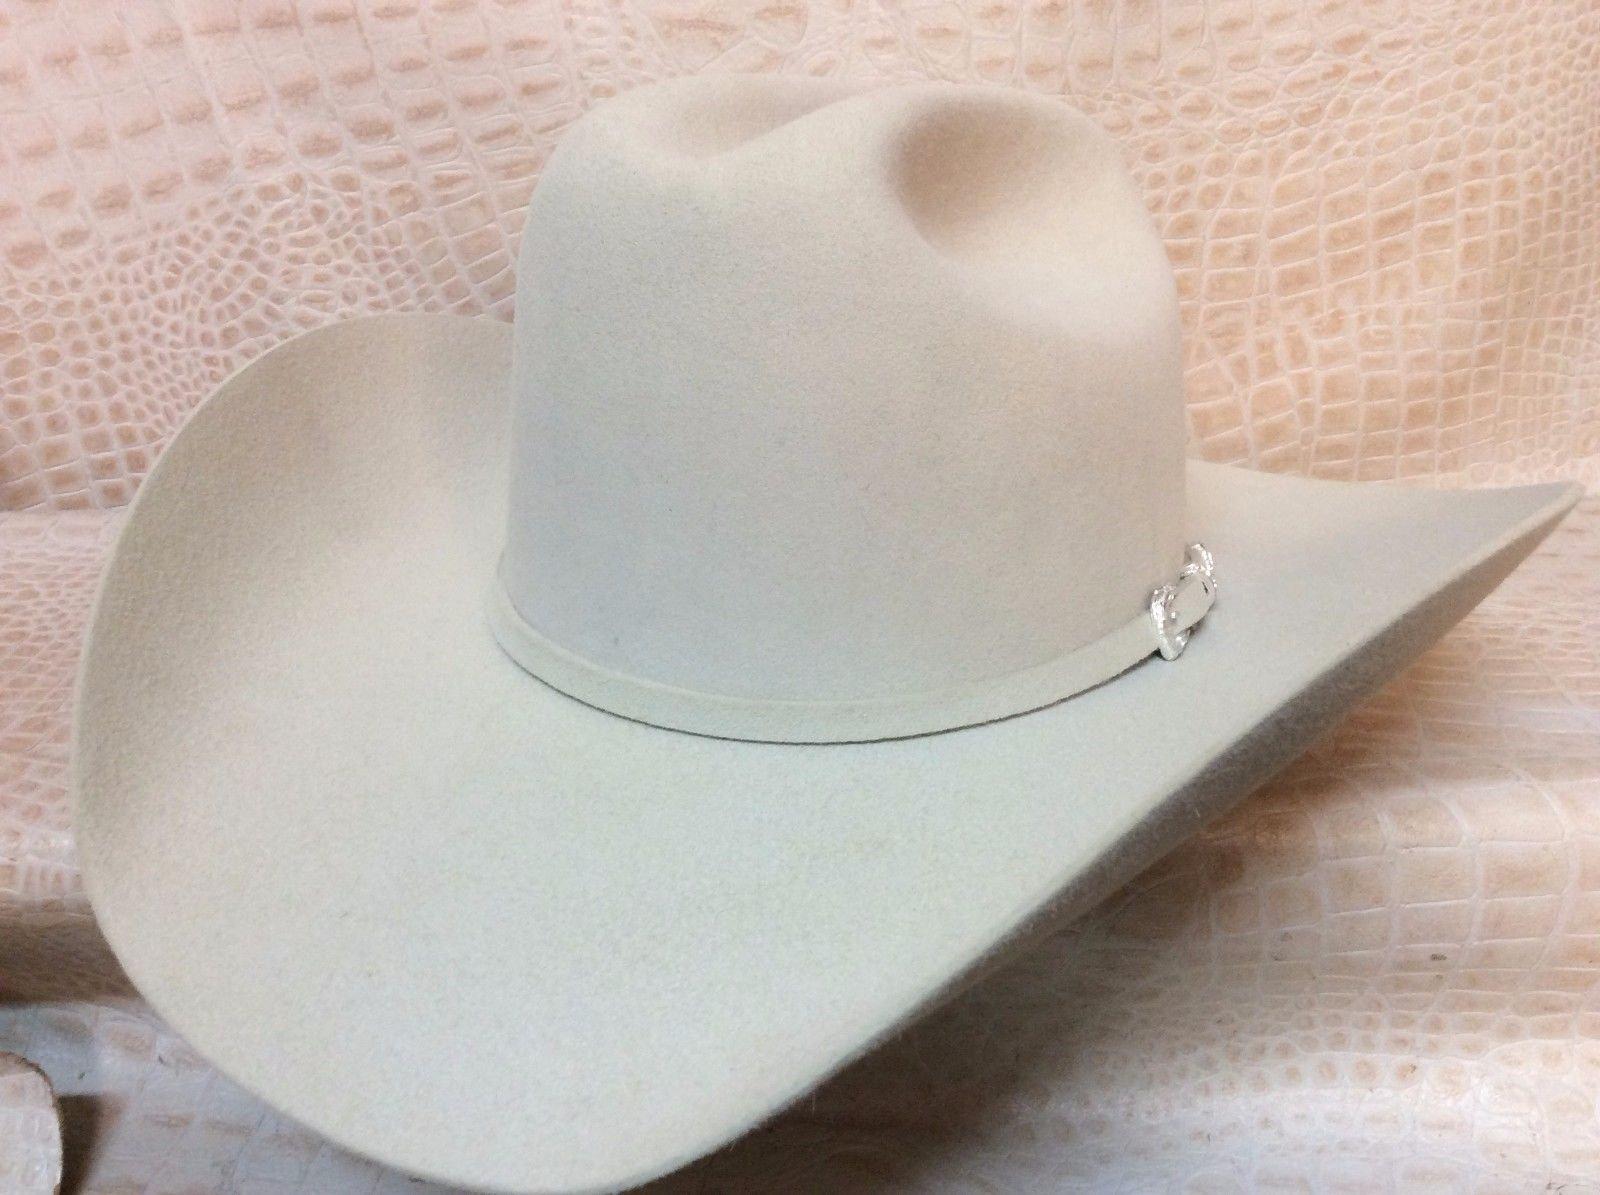 252c31534cc71b Stetson Lariat 5x Beaver Fur Felt Cowboy Hat Leather Band Inside 4 Inch  Brim Crown Height: 4 5/8 inch Shape: Original (D)Stetson Lariat 5x Beaver  Fur Felt ...